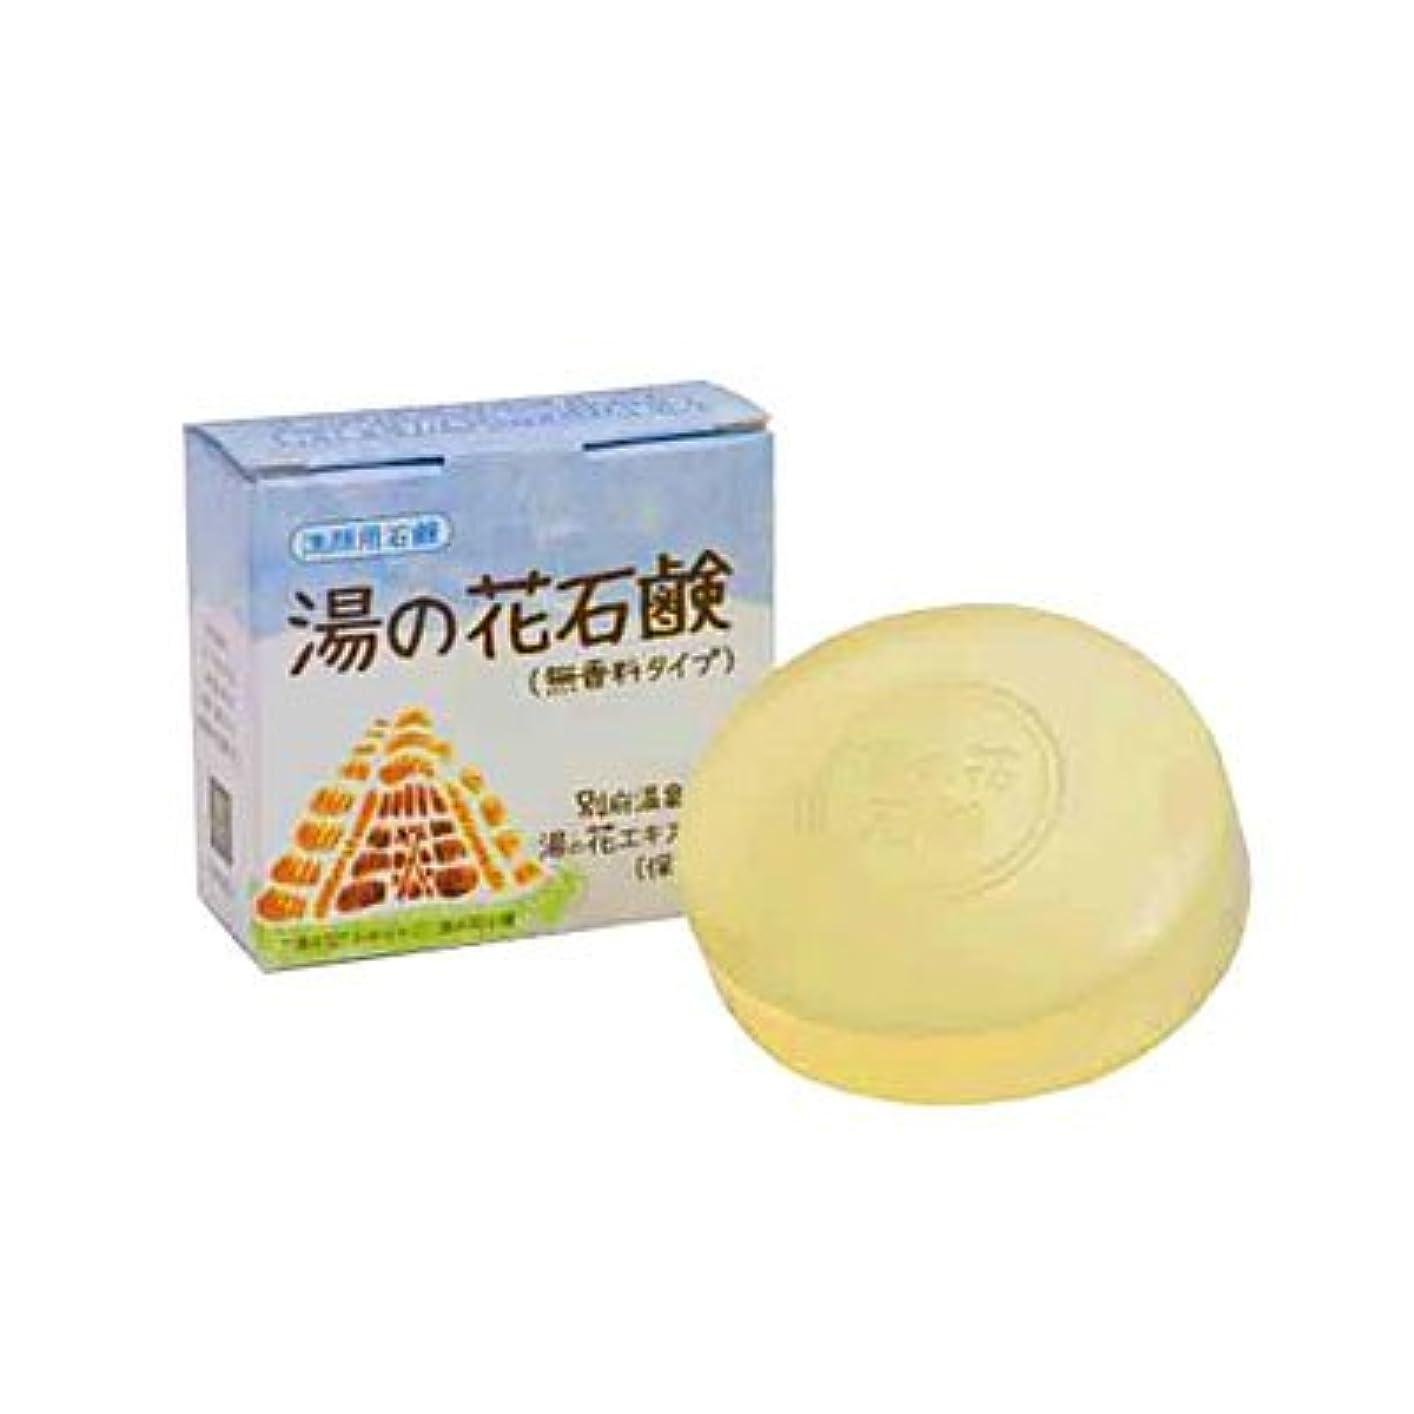 専門雇用病薬用 湯の花石鹸 ビーナス1 80g